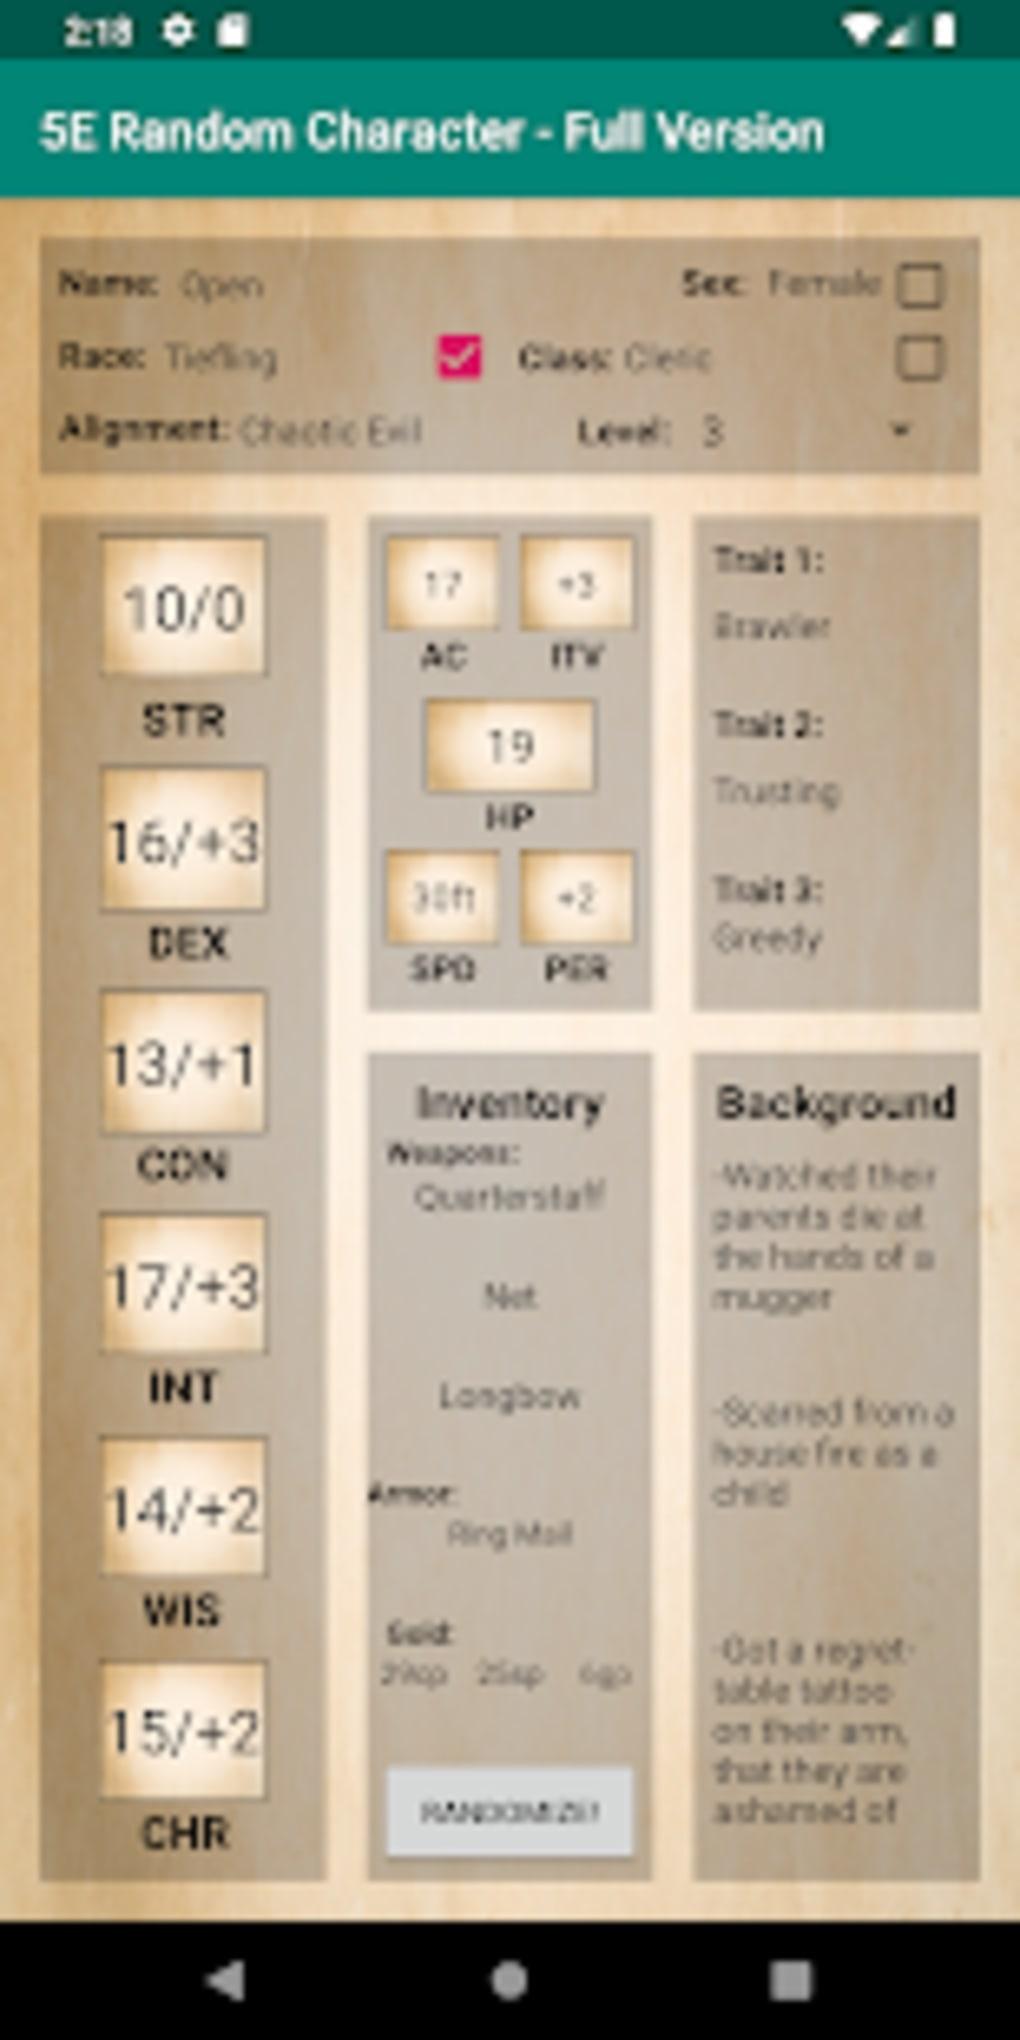 5E Generator 5e random character generator para android - descargar